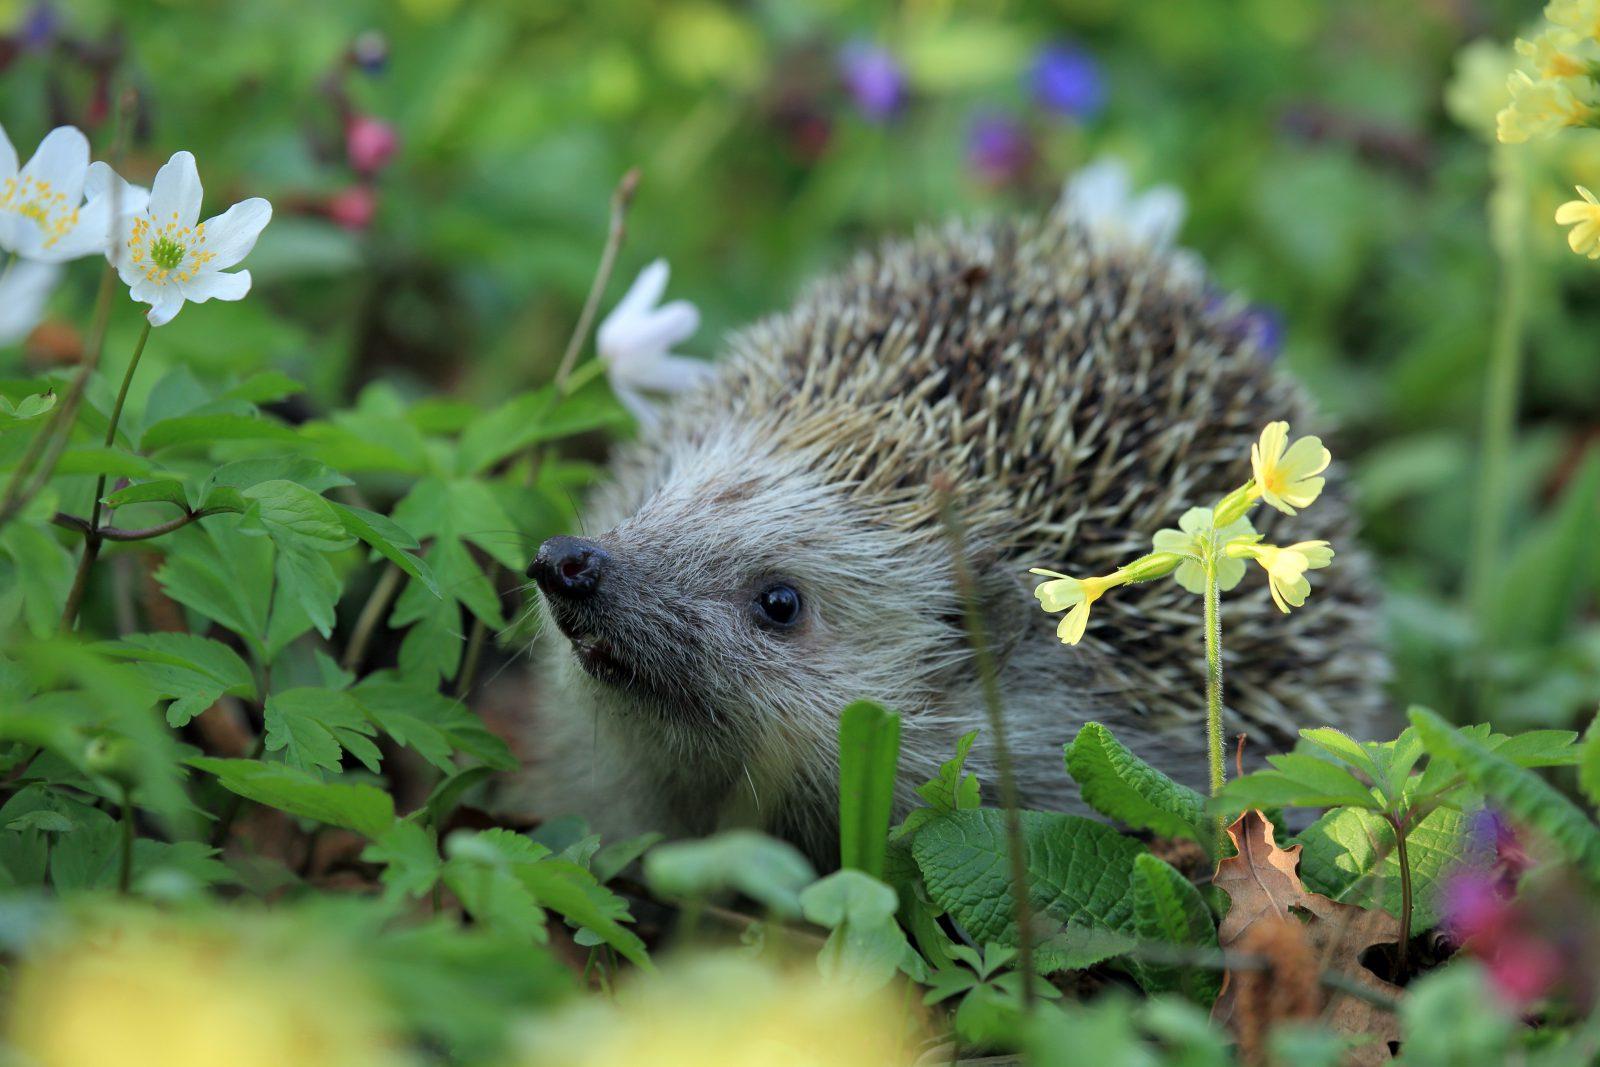 O ouriço se alimenta de folhas e flores.